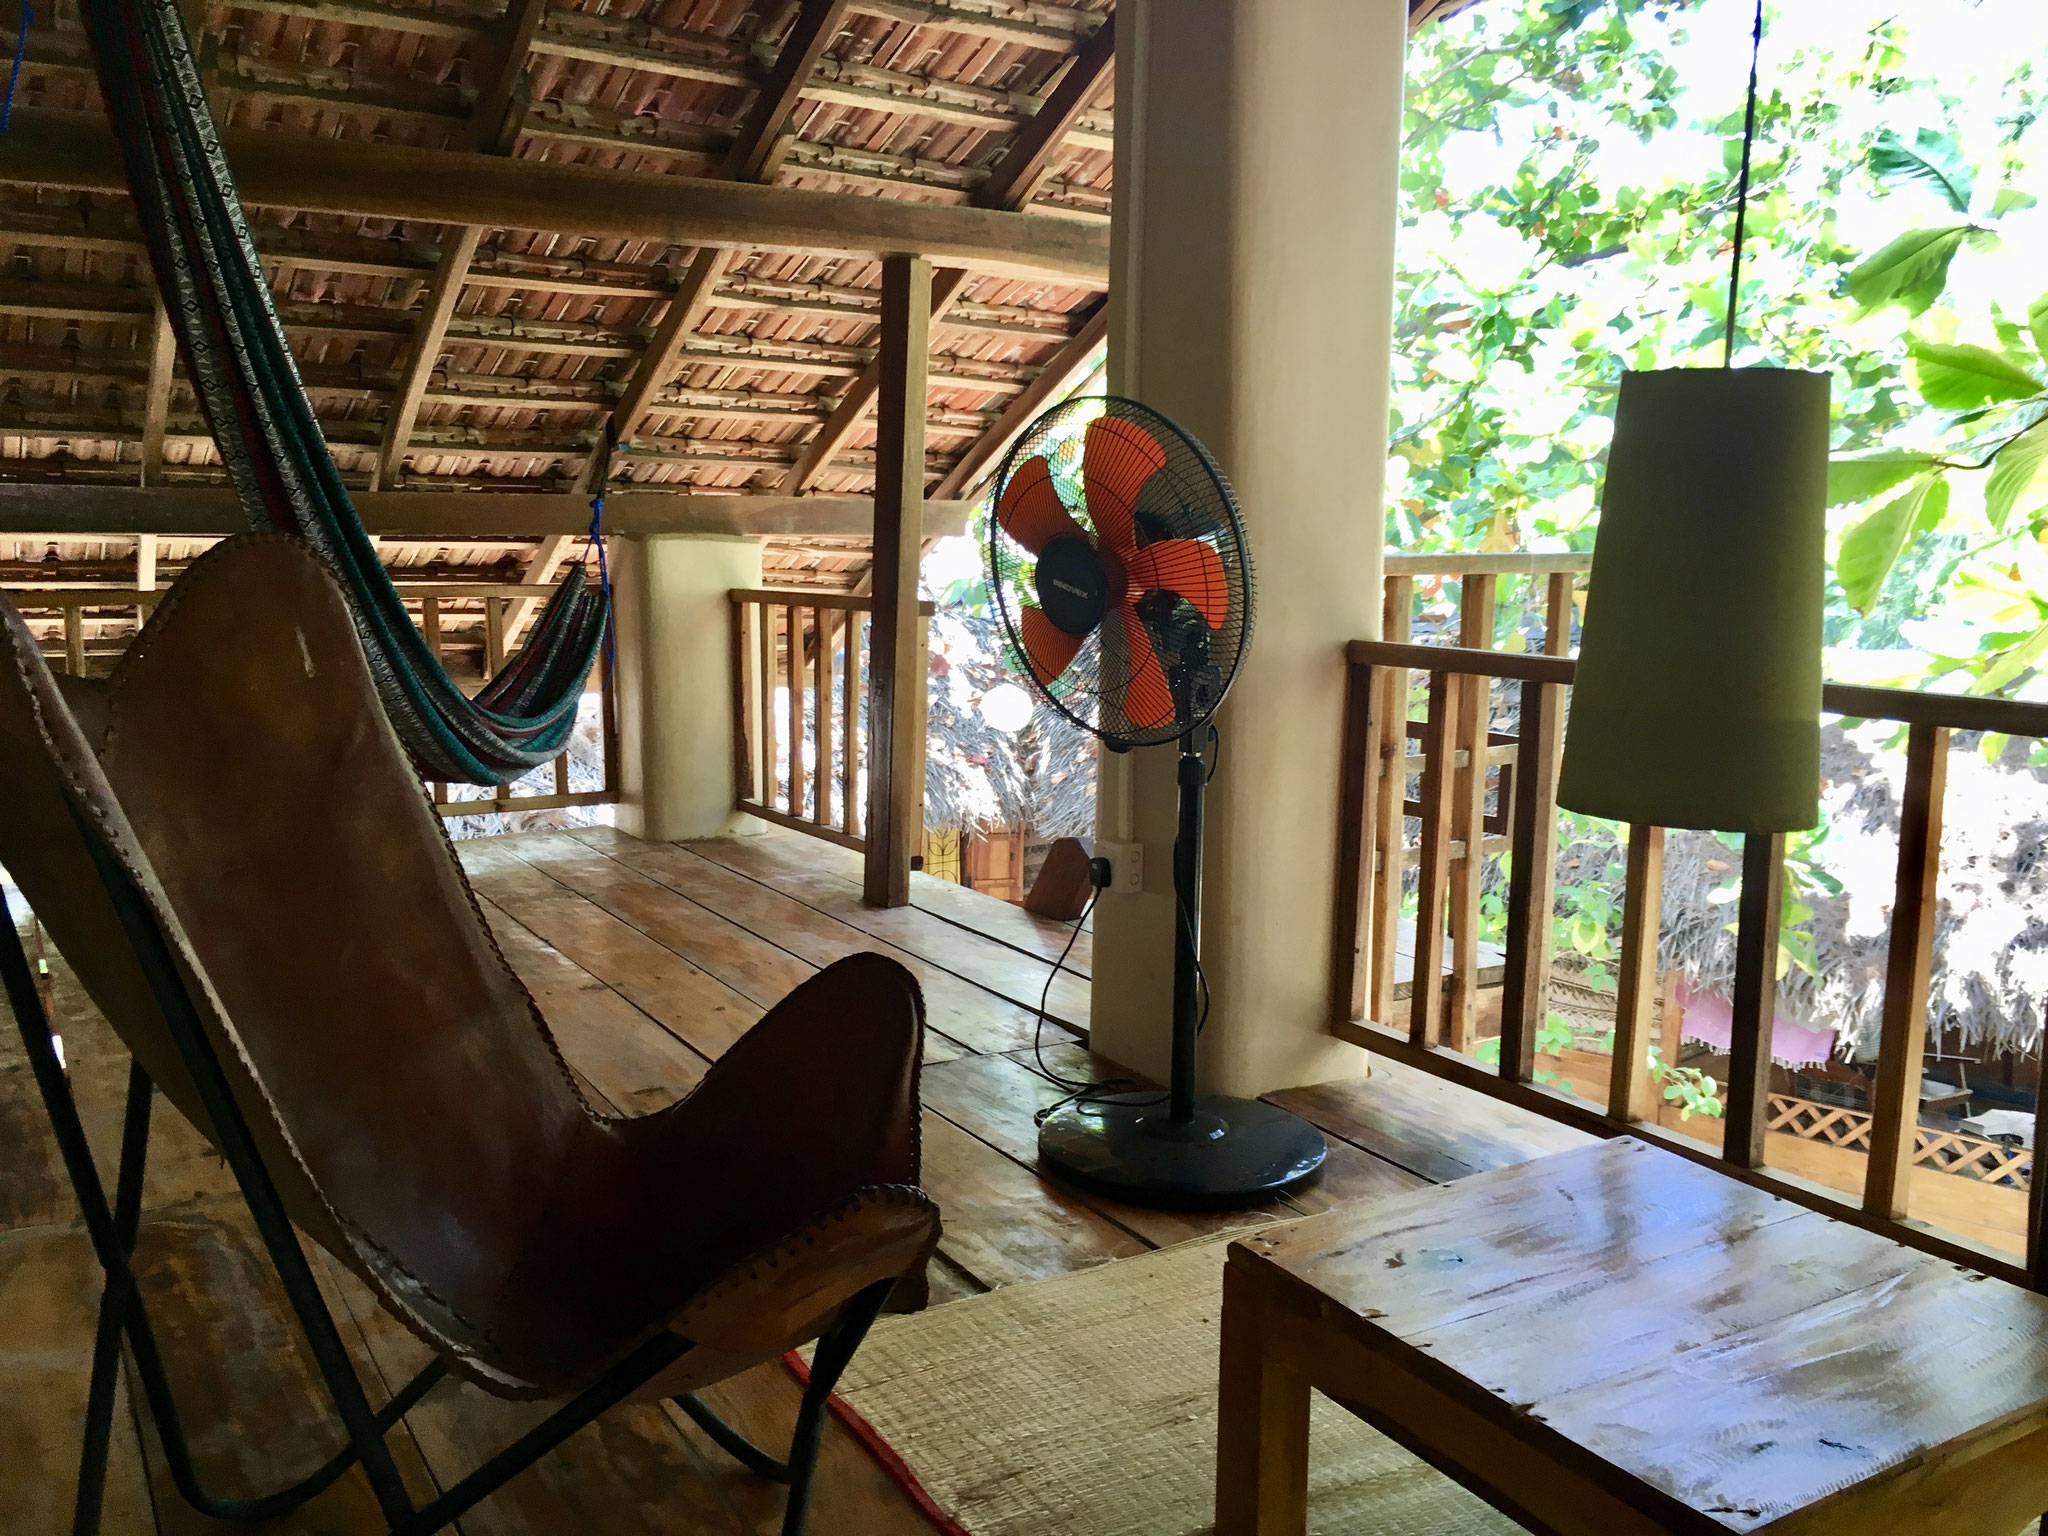 Balkony / Lounge